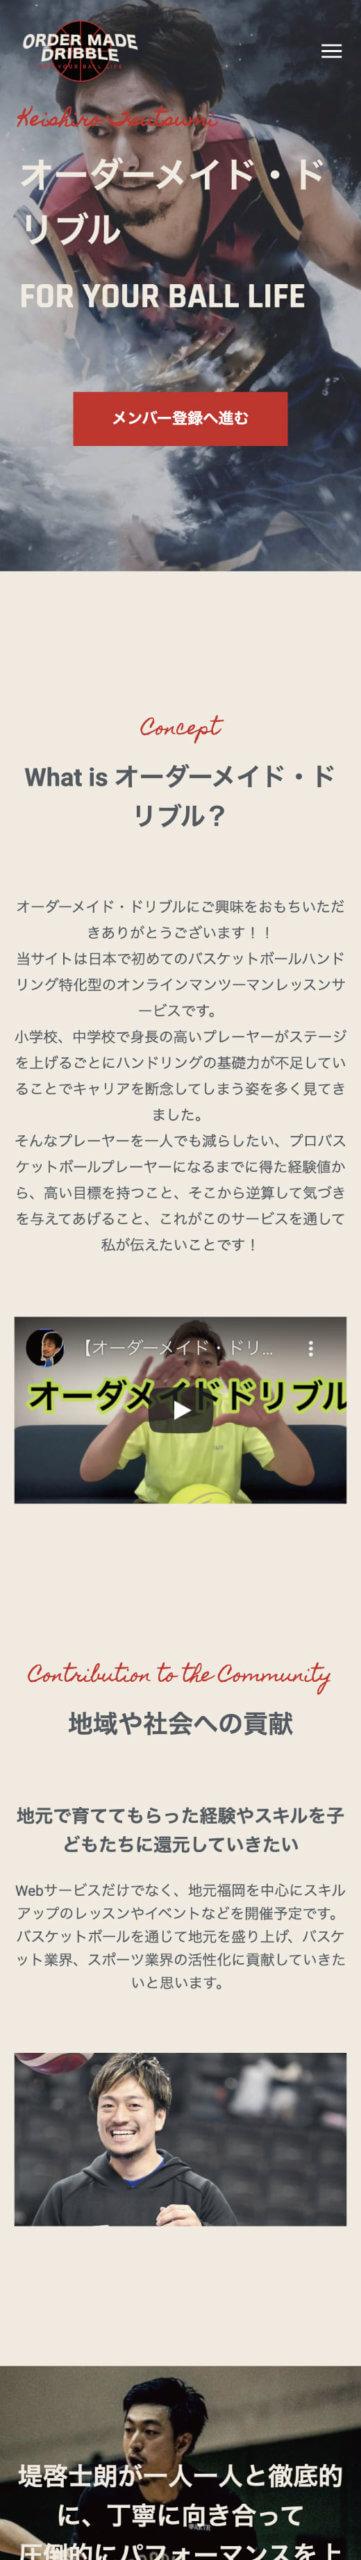 オーダーメイド・ドリブルホームページ、スマホ版